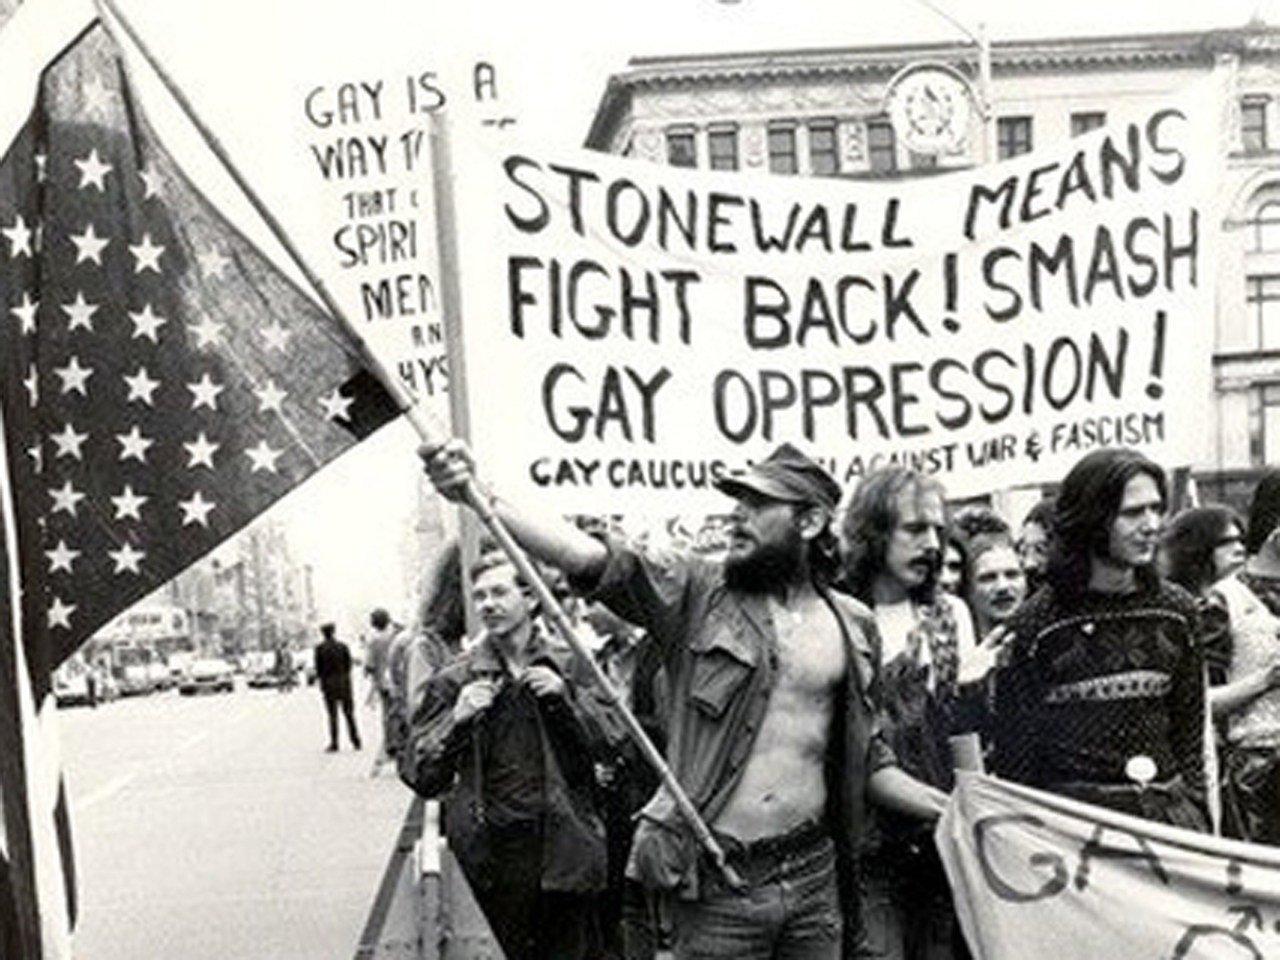 Una imagen de los disturbios de Stonewall Inn para reclamar los derechos del colectivo LGTB en 1969